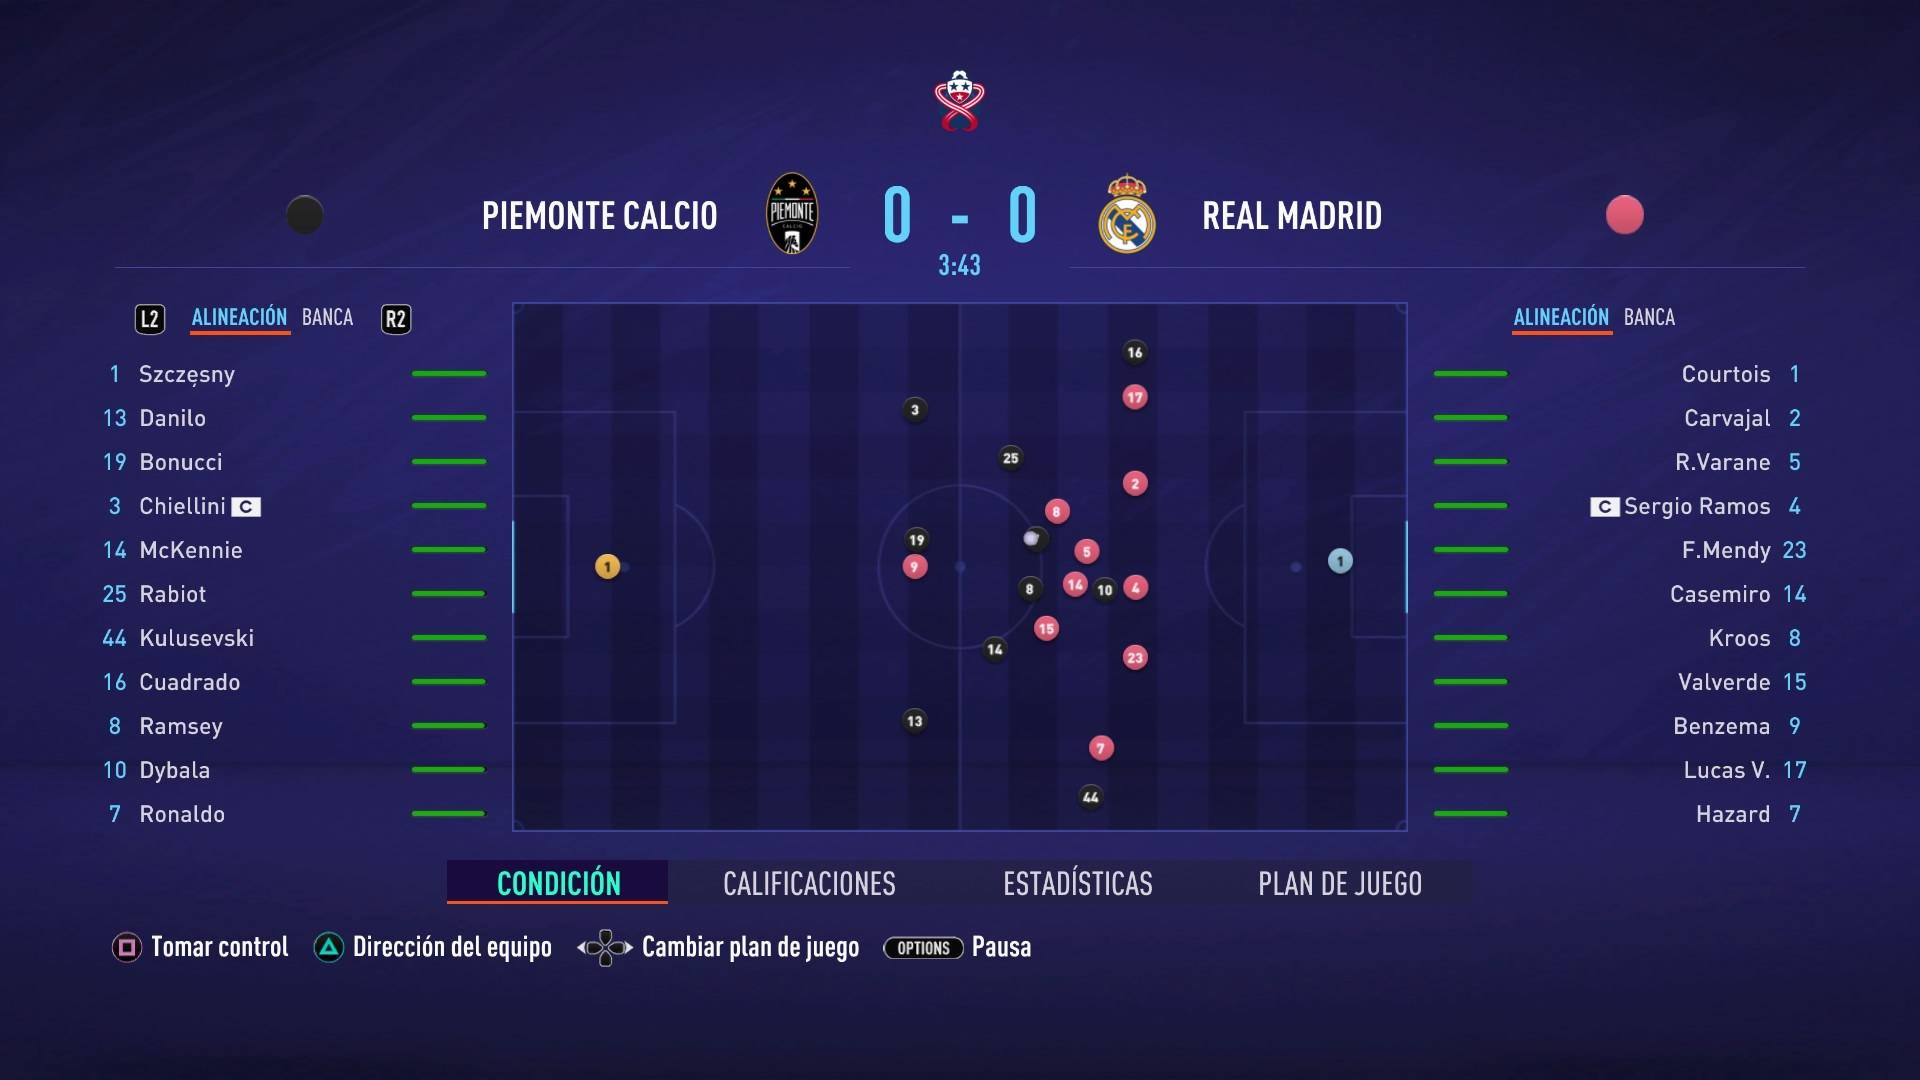 FIFA 21 Partido de Carrera 0 0 PIE RMA 1 er tiempo